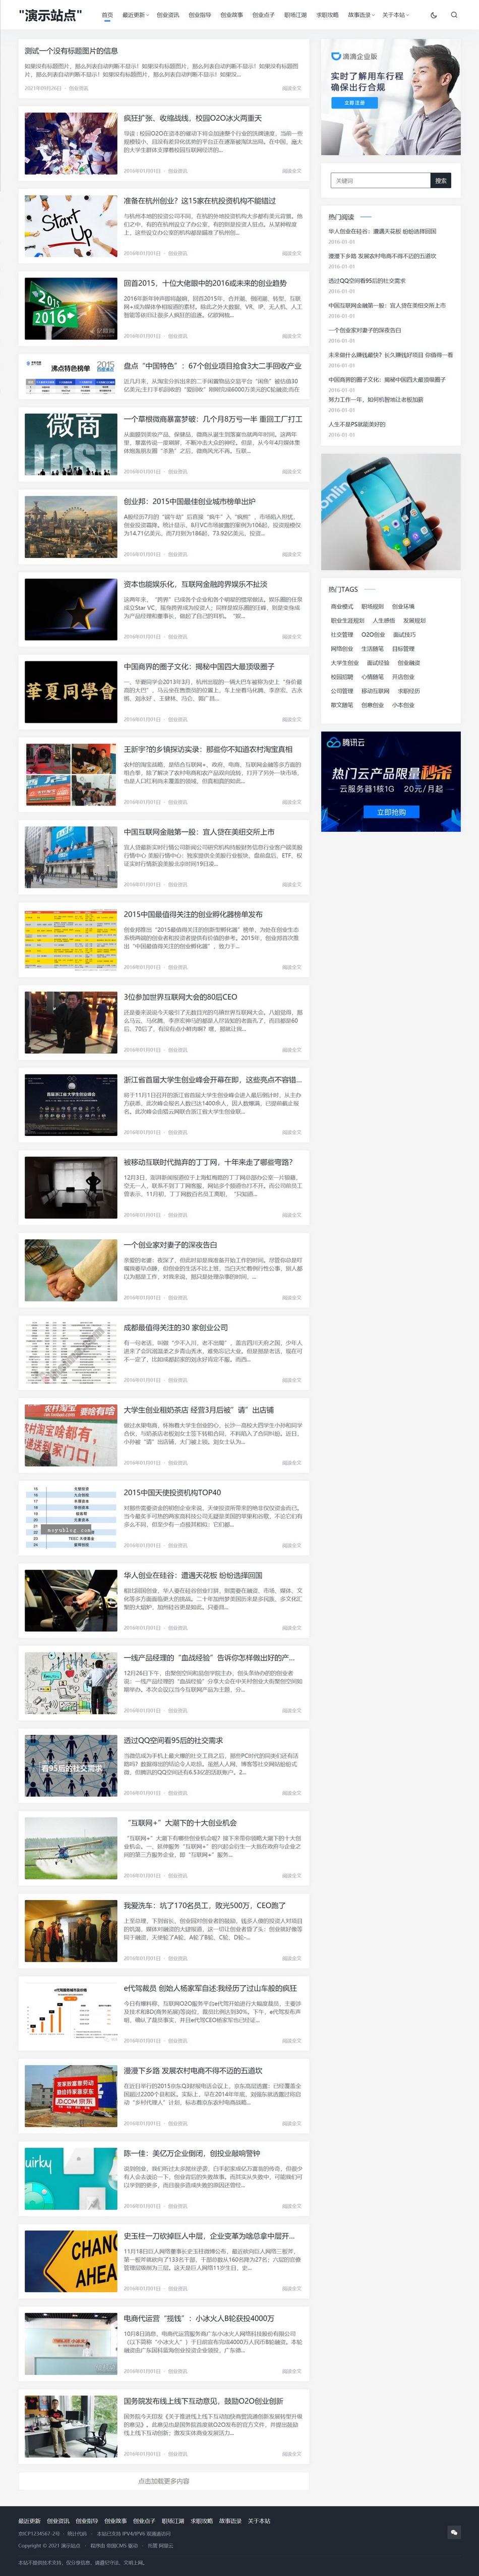 个人网站博客文章新闻资讯自适应HTML5响应式手机模板整站帝国CMS-ecms300